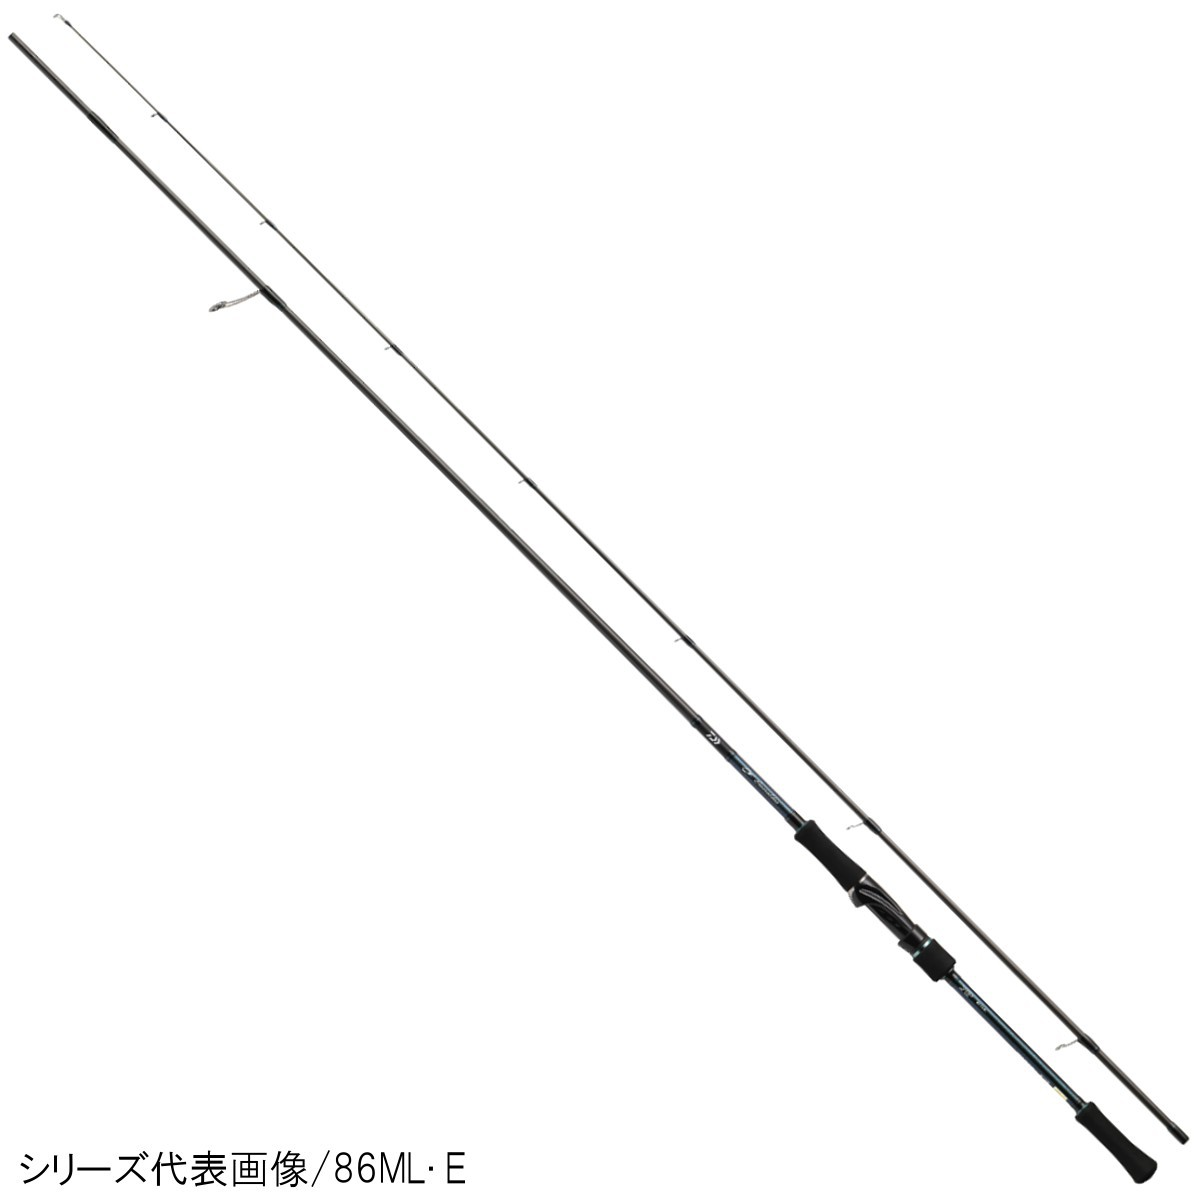 ダイワ エメラルダス MX(アウトガイドモデル) 89M・E【送料無料】